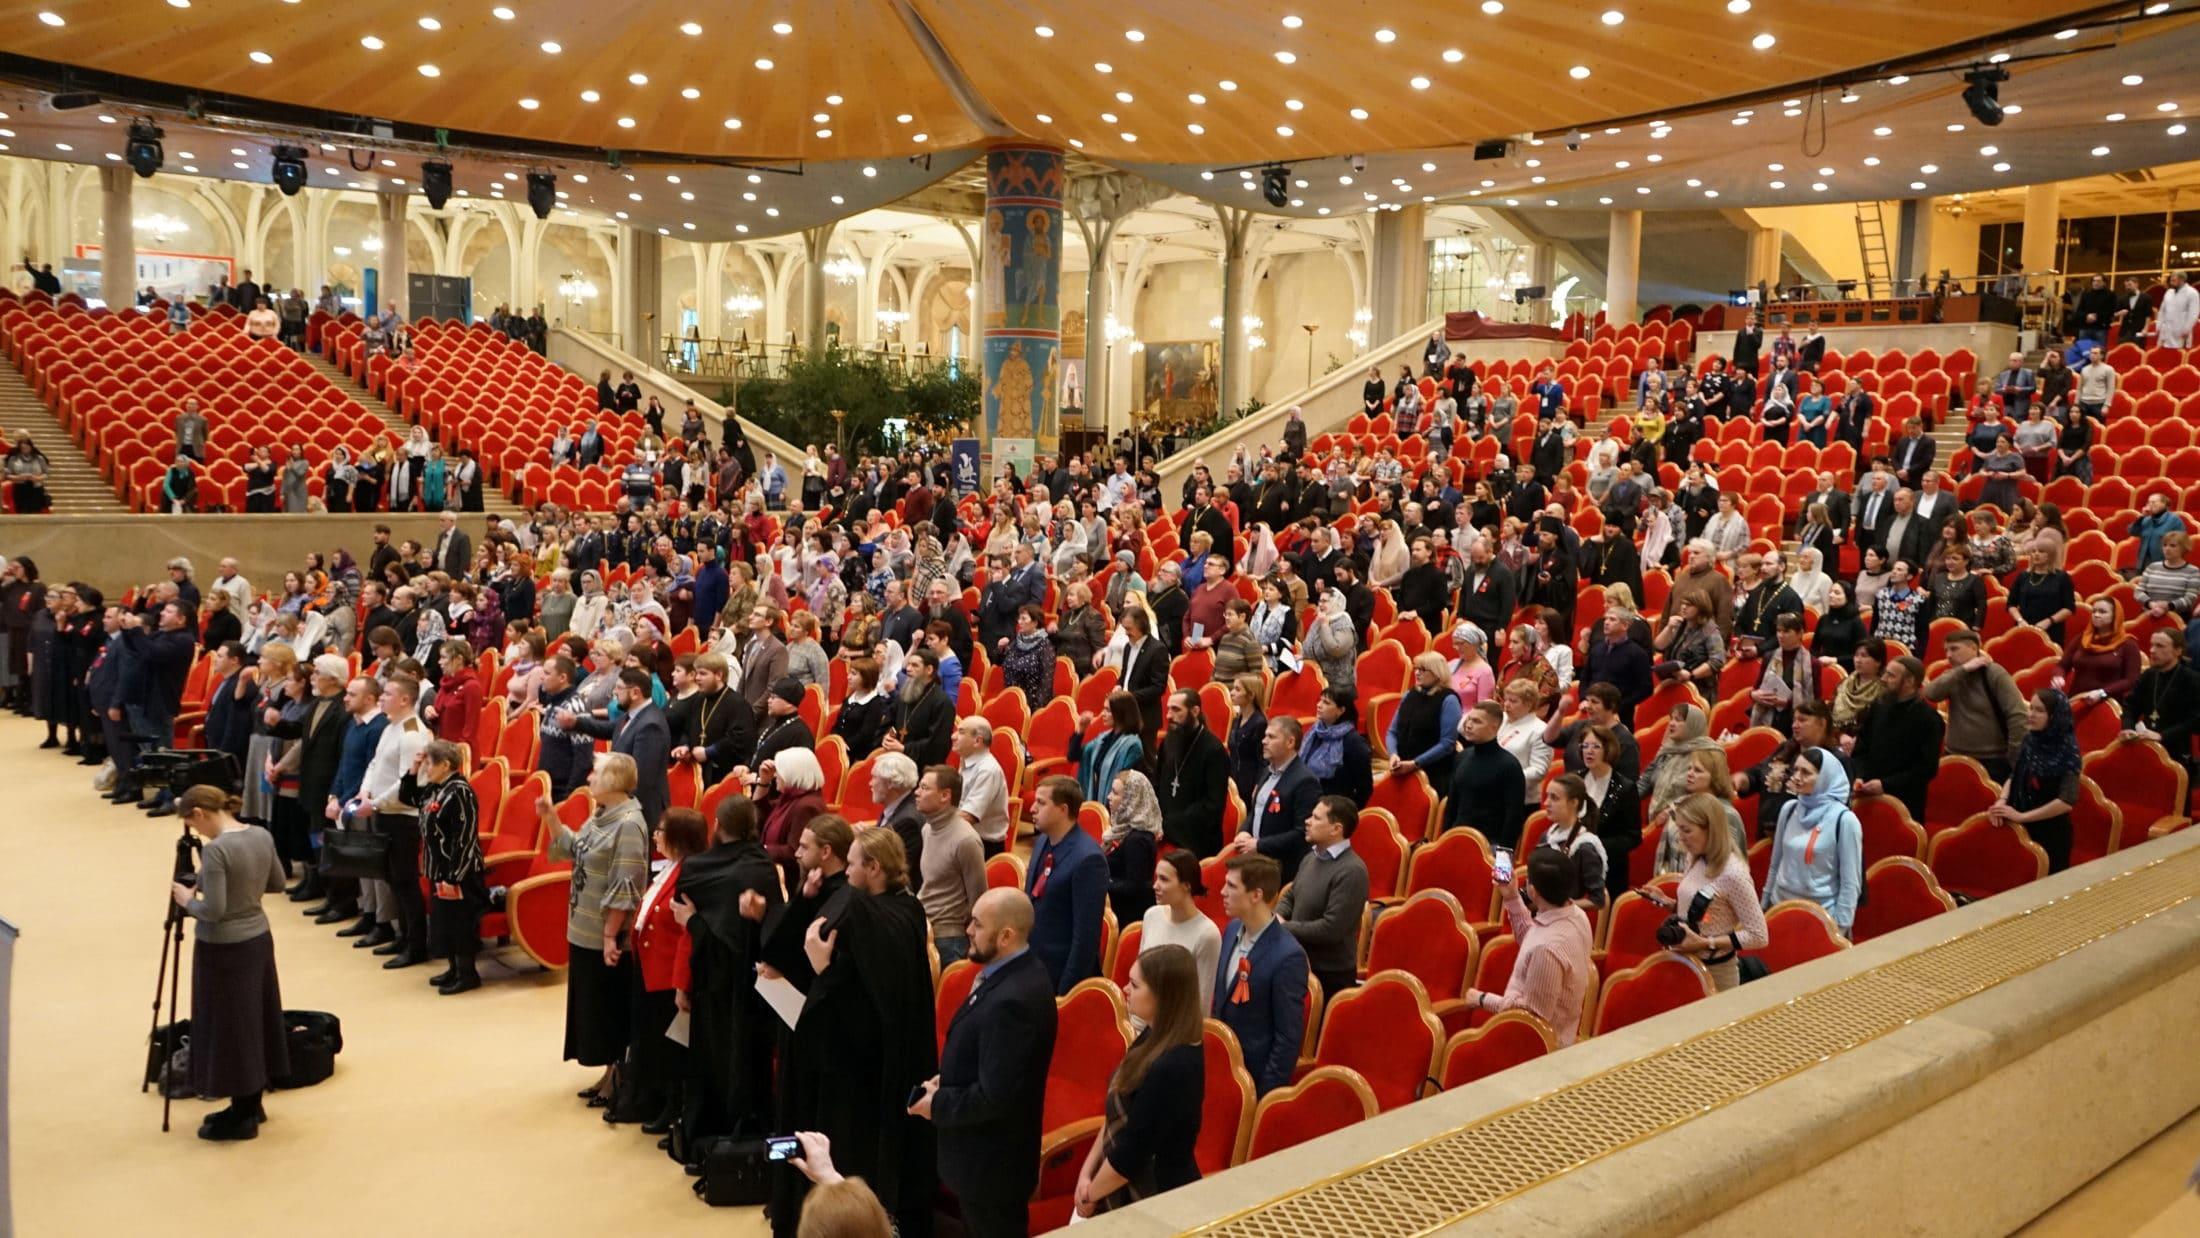 В Зале Церковных Соборов прошла конференция памяти благоверного князя Александра Невского